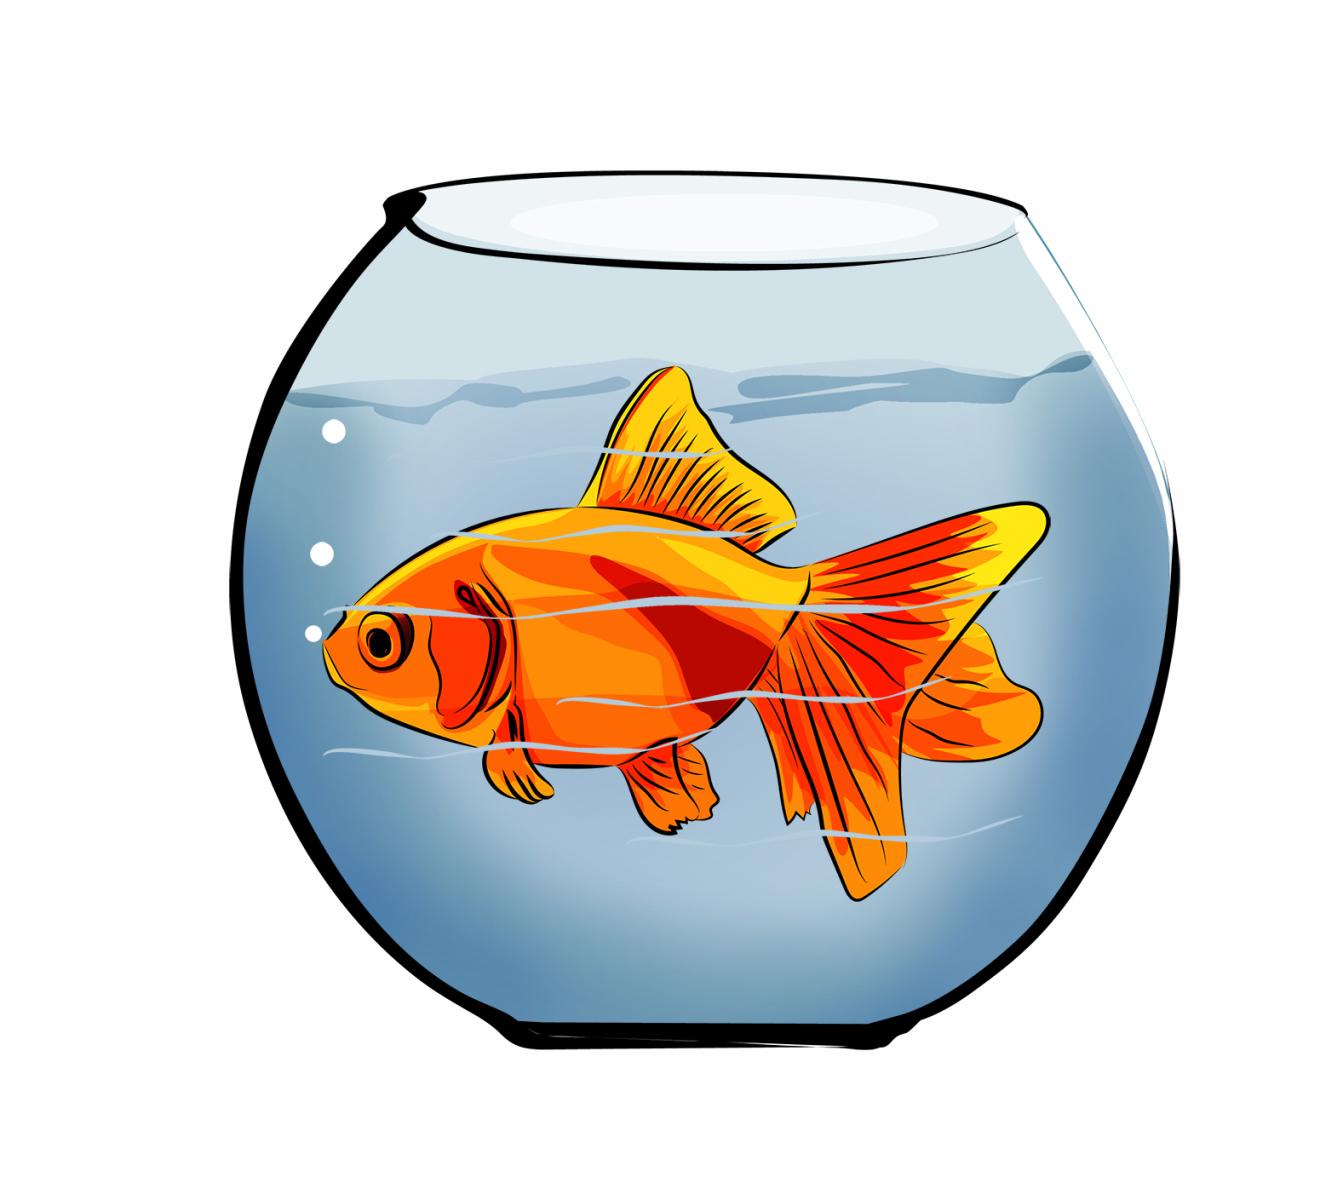 1343x1200 Fish Bowl